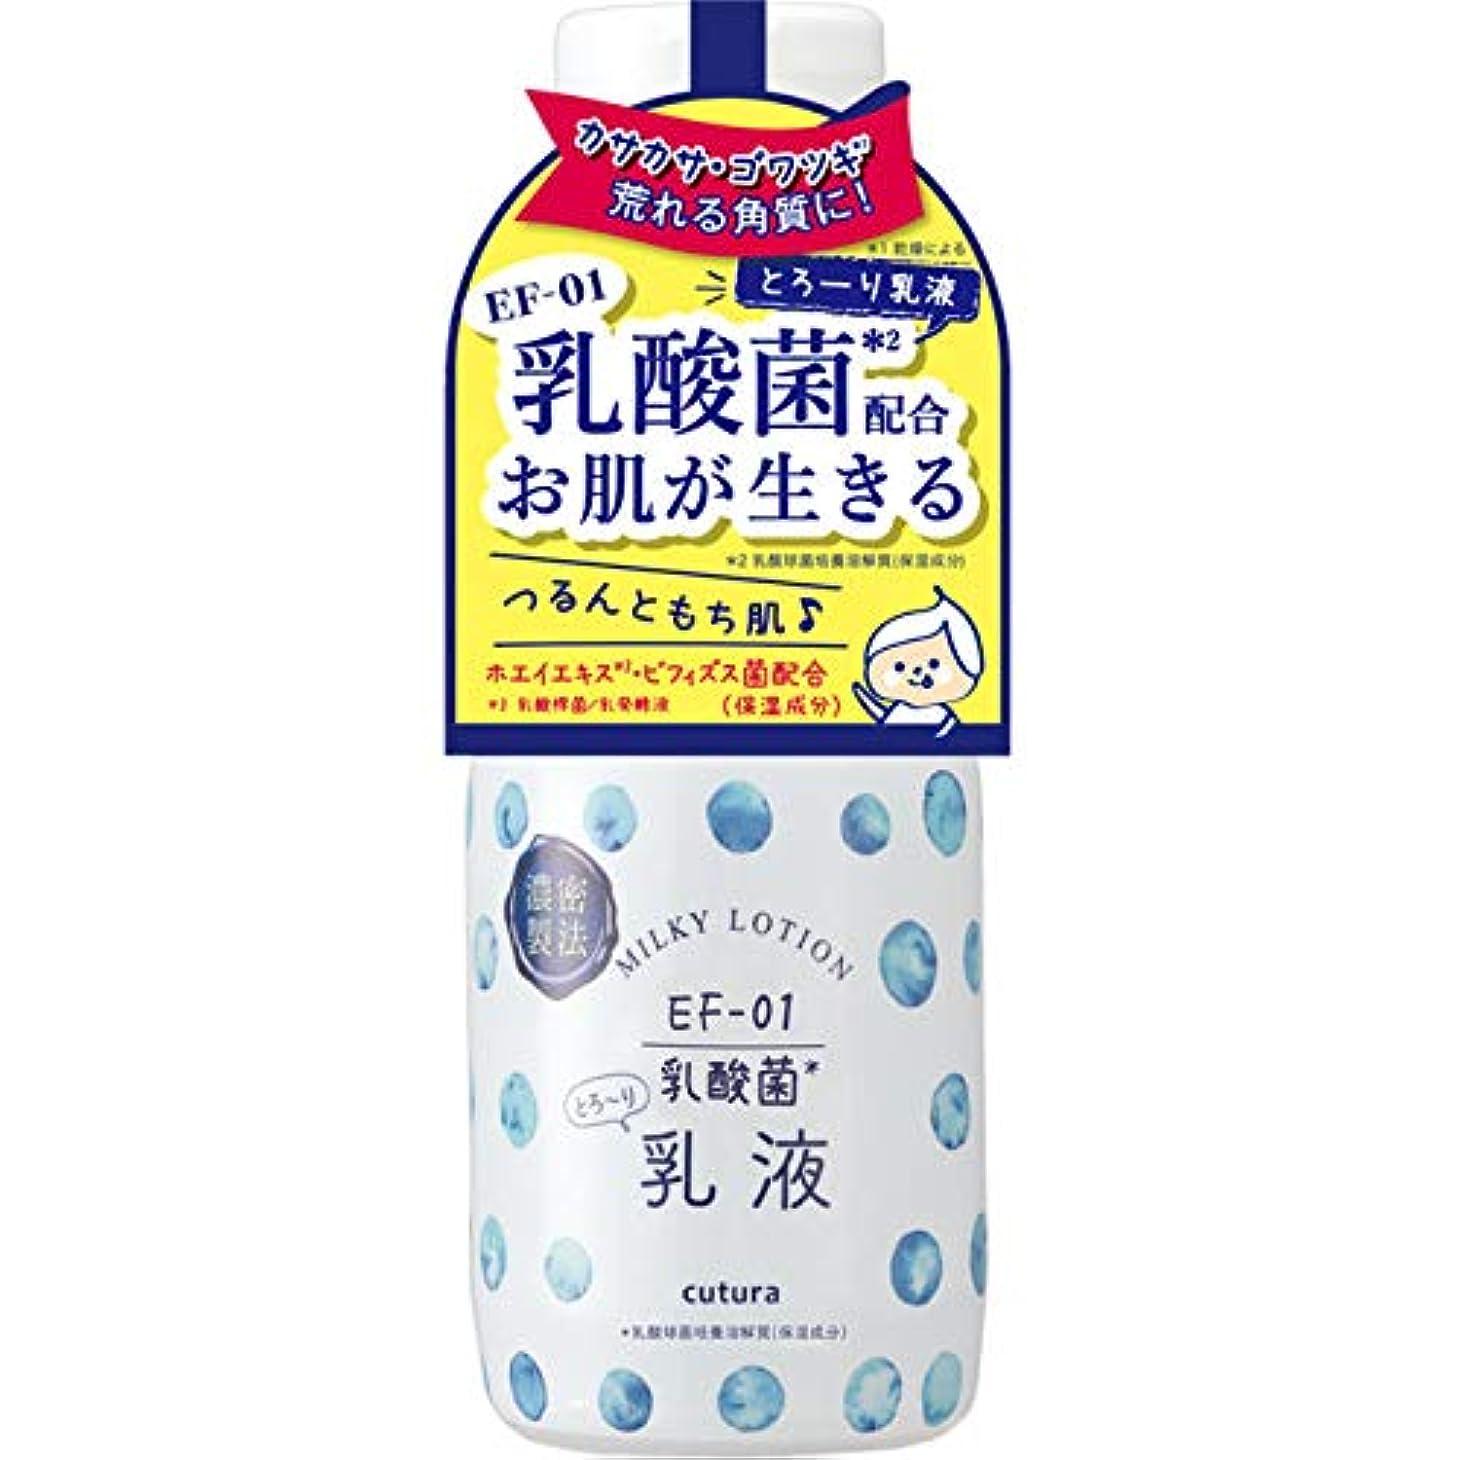 pdc キュチュラ とろーり乳液 N 200ml